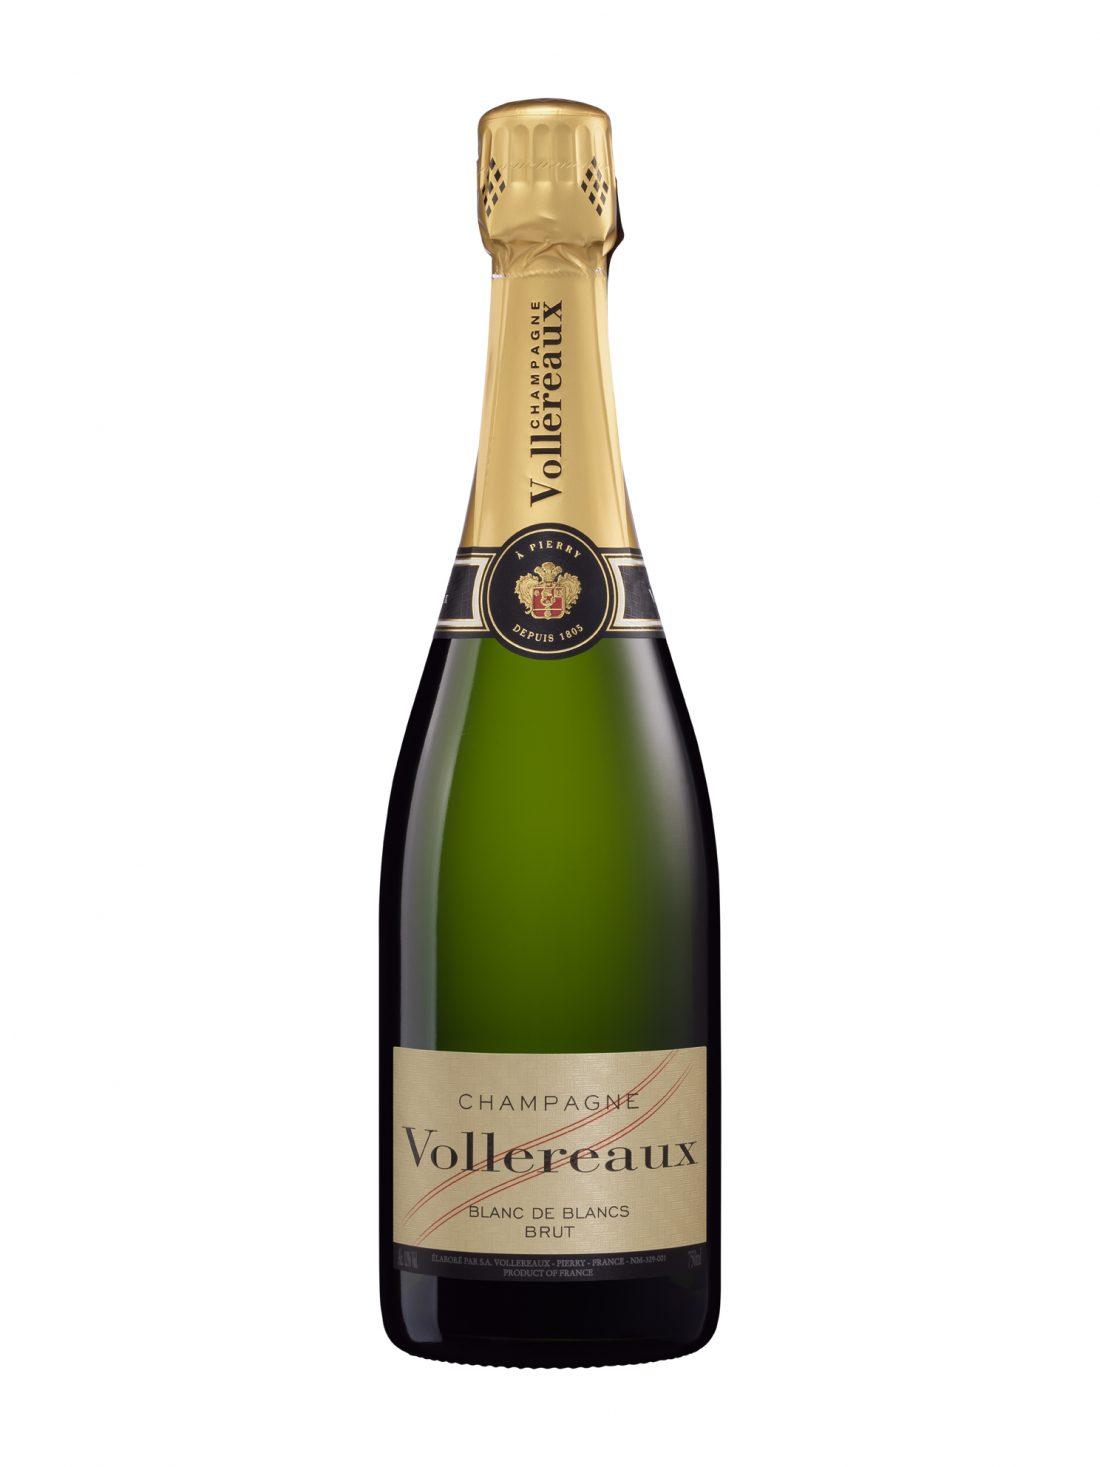 Fondé en 1903 par Victor Vollereaux, les champagnes Vollereaux sont aujourd'hui aux mains de la sixième génération de vignerons, toujours en quête du réaliser le meilleur vin...